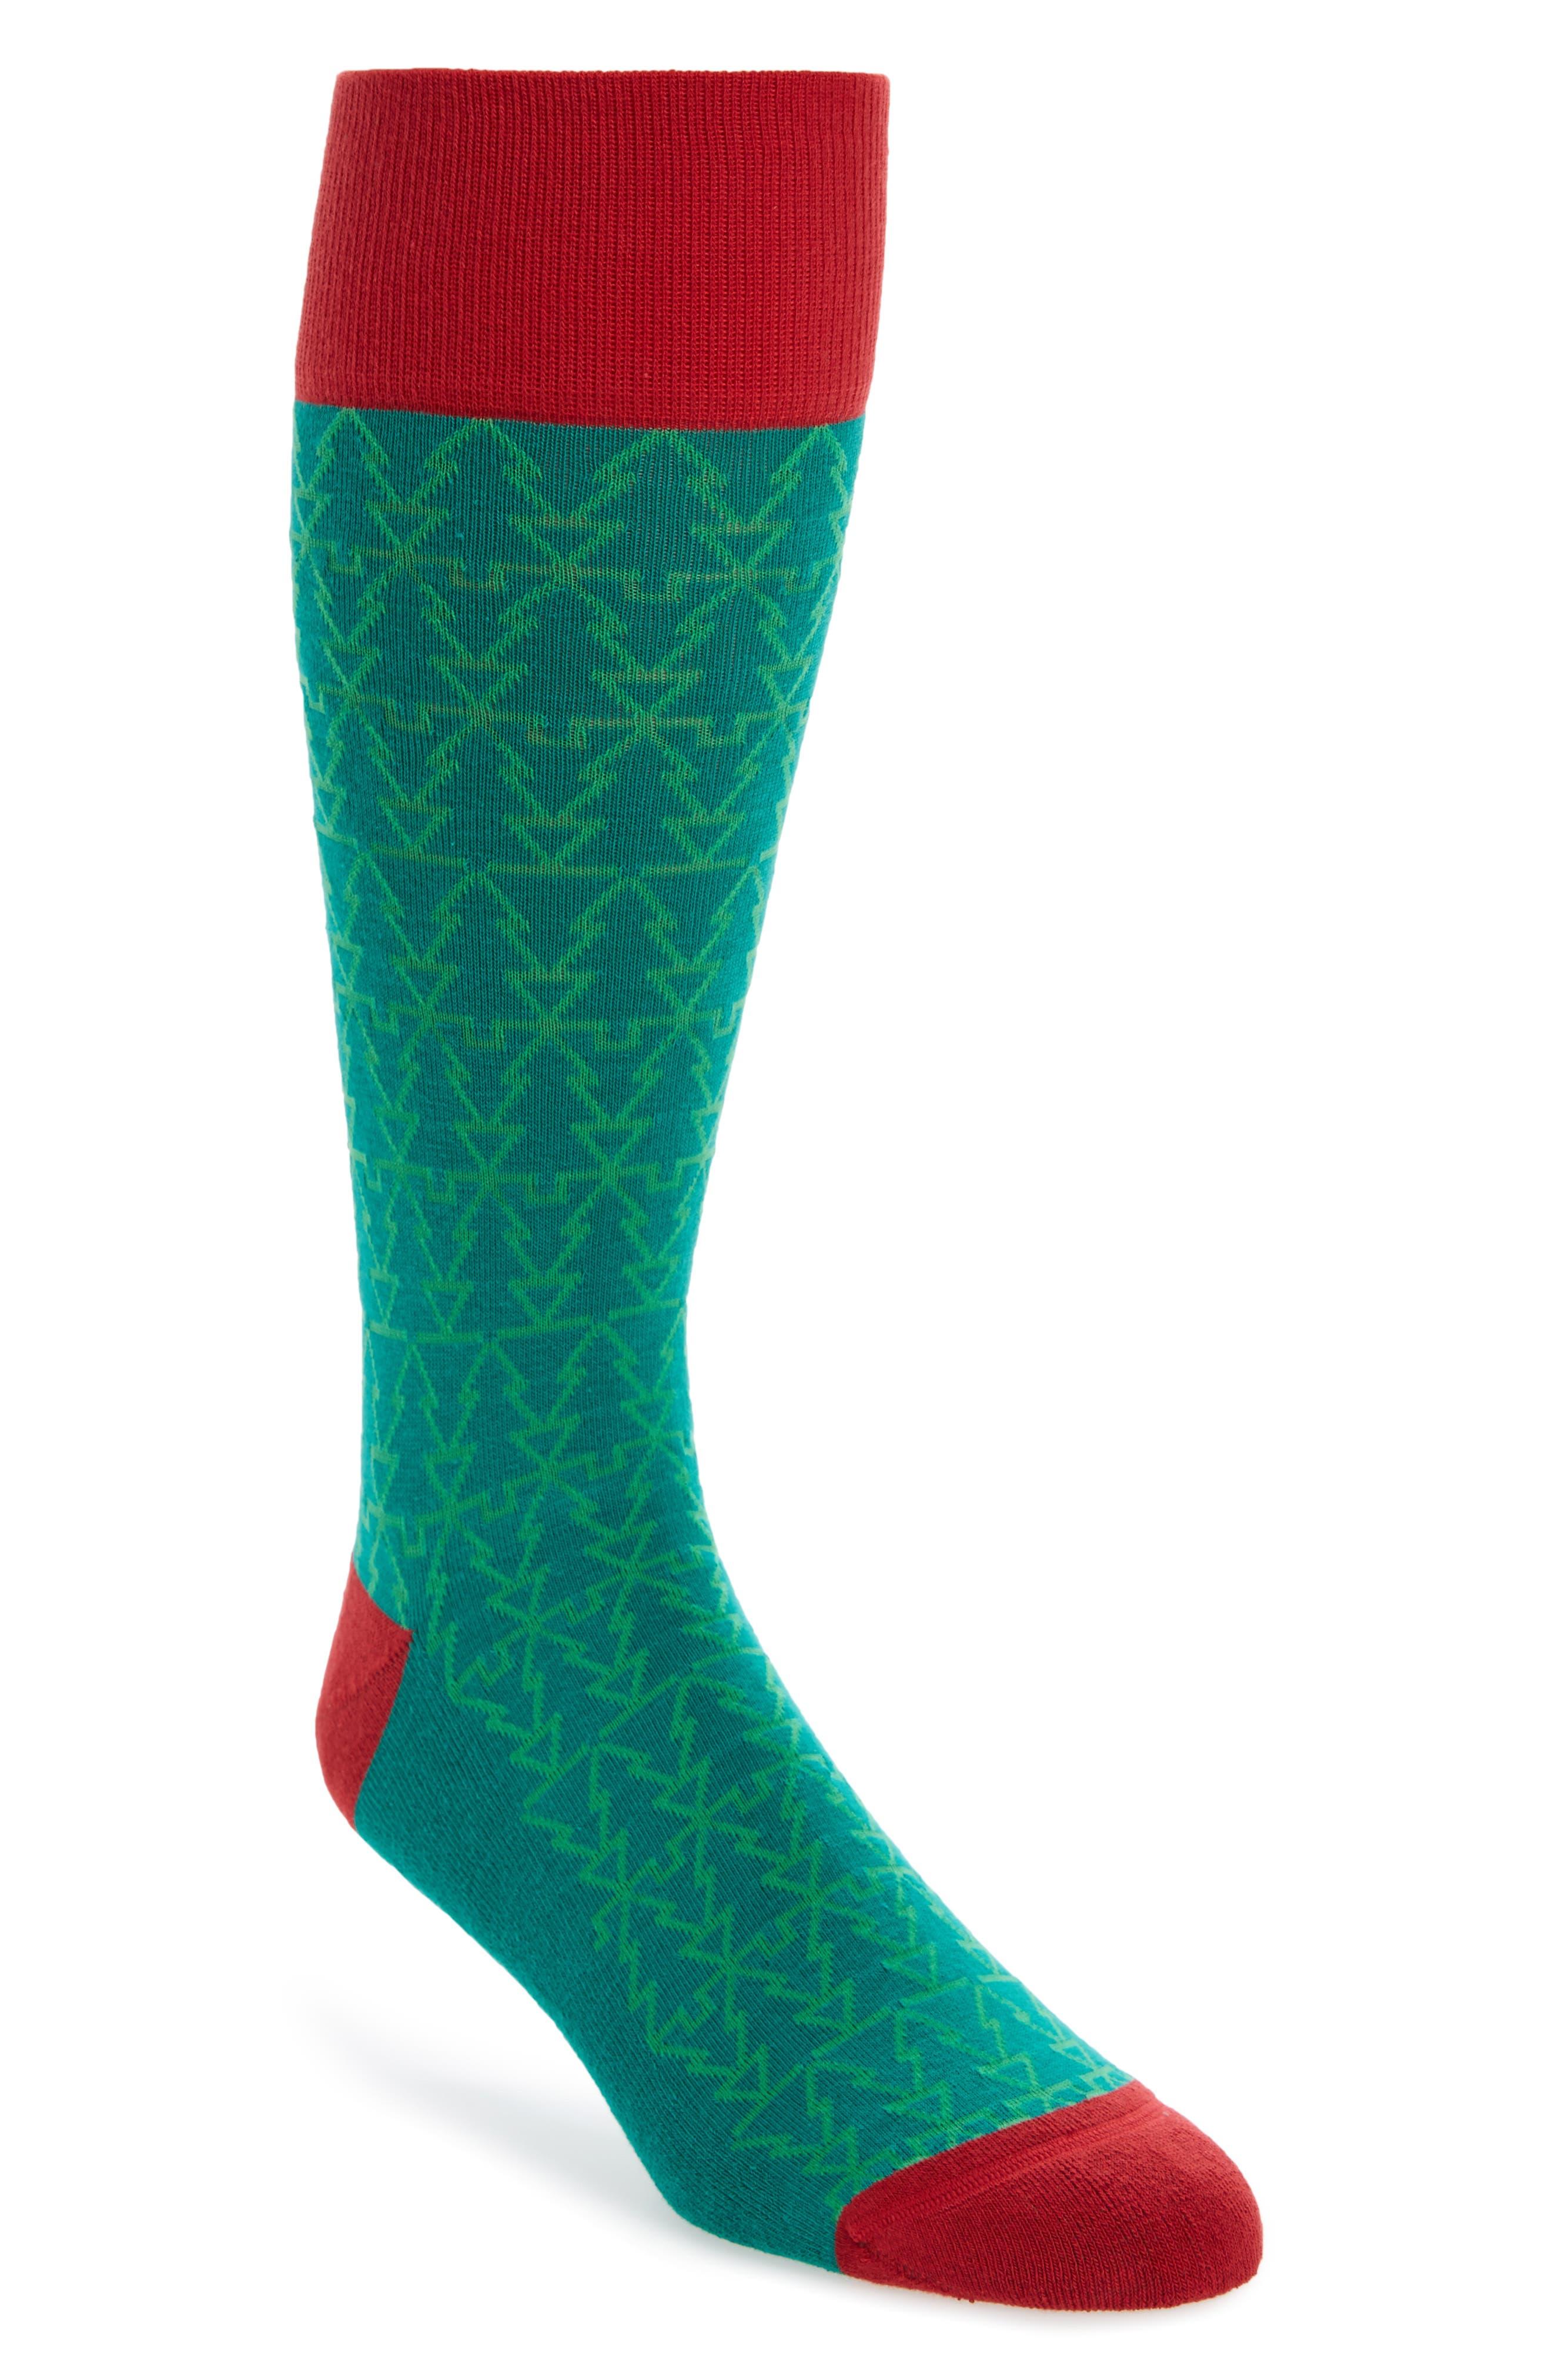 Holiday Mosaic Tree Socks,                             Main thumbnail 1, color,                             310